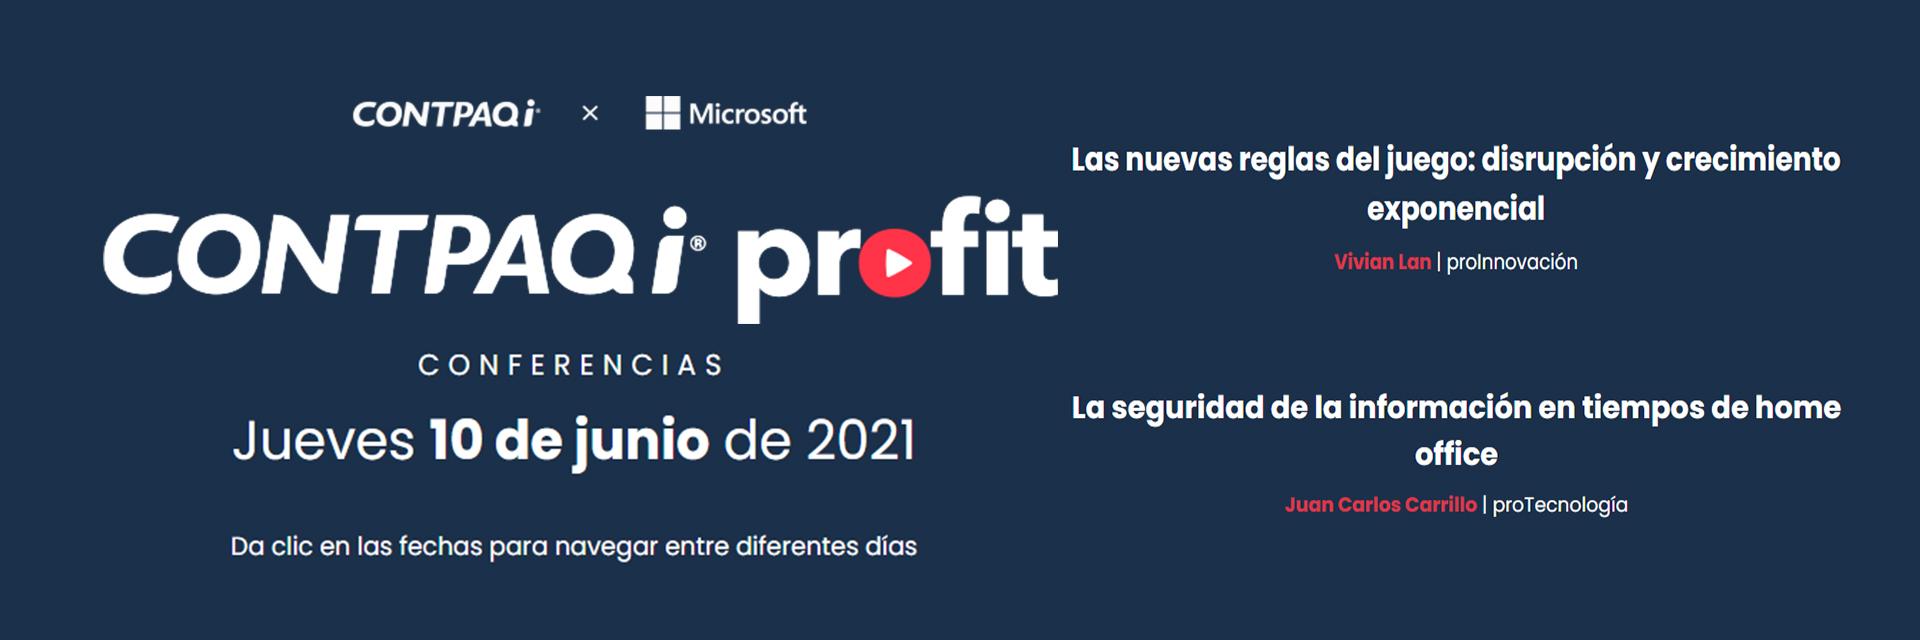 Contpaqi Profit 2021 Jueves 10